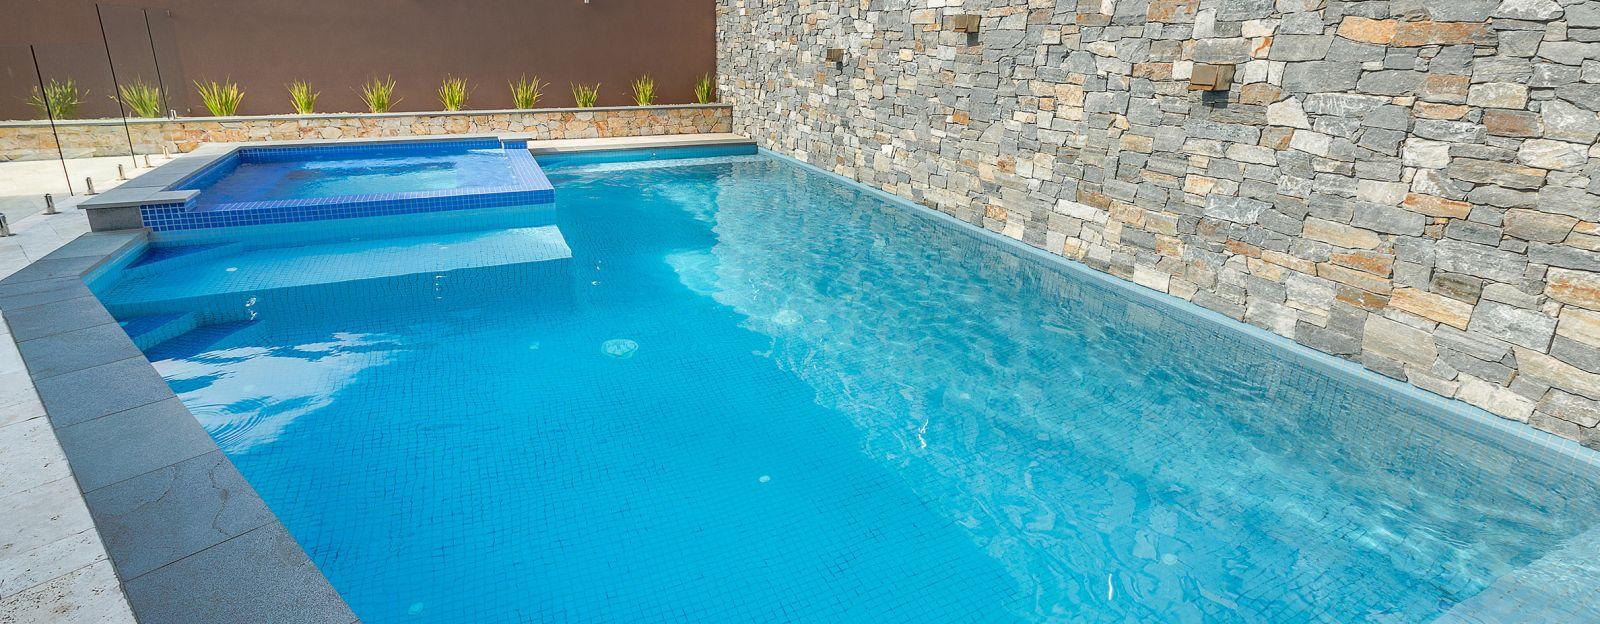 small swimming pools Melbourne, Victoria, Australia